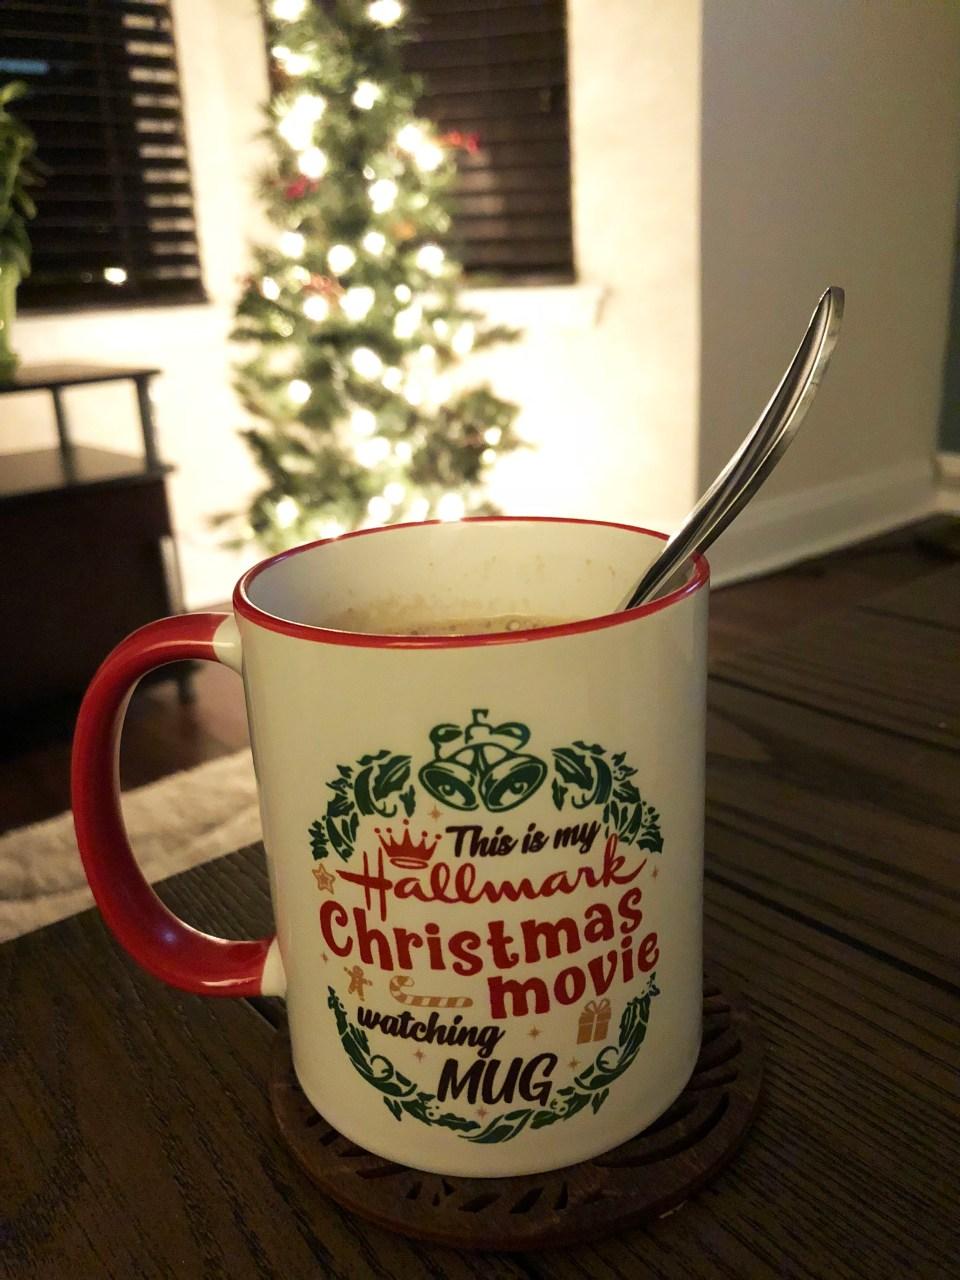 Hallmark Christmas Movie Mug